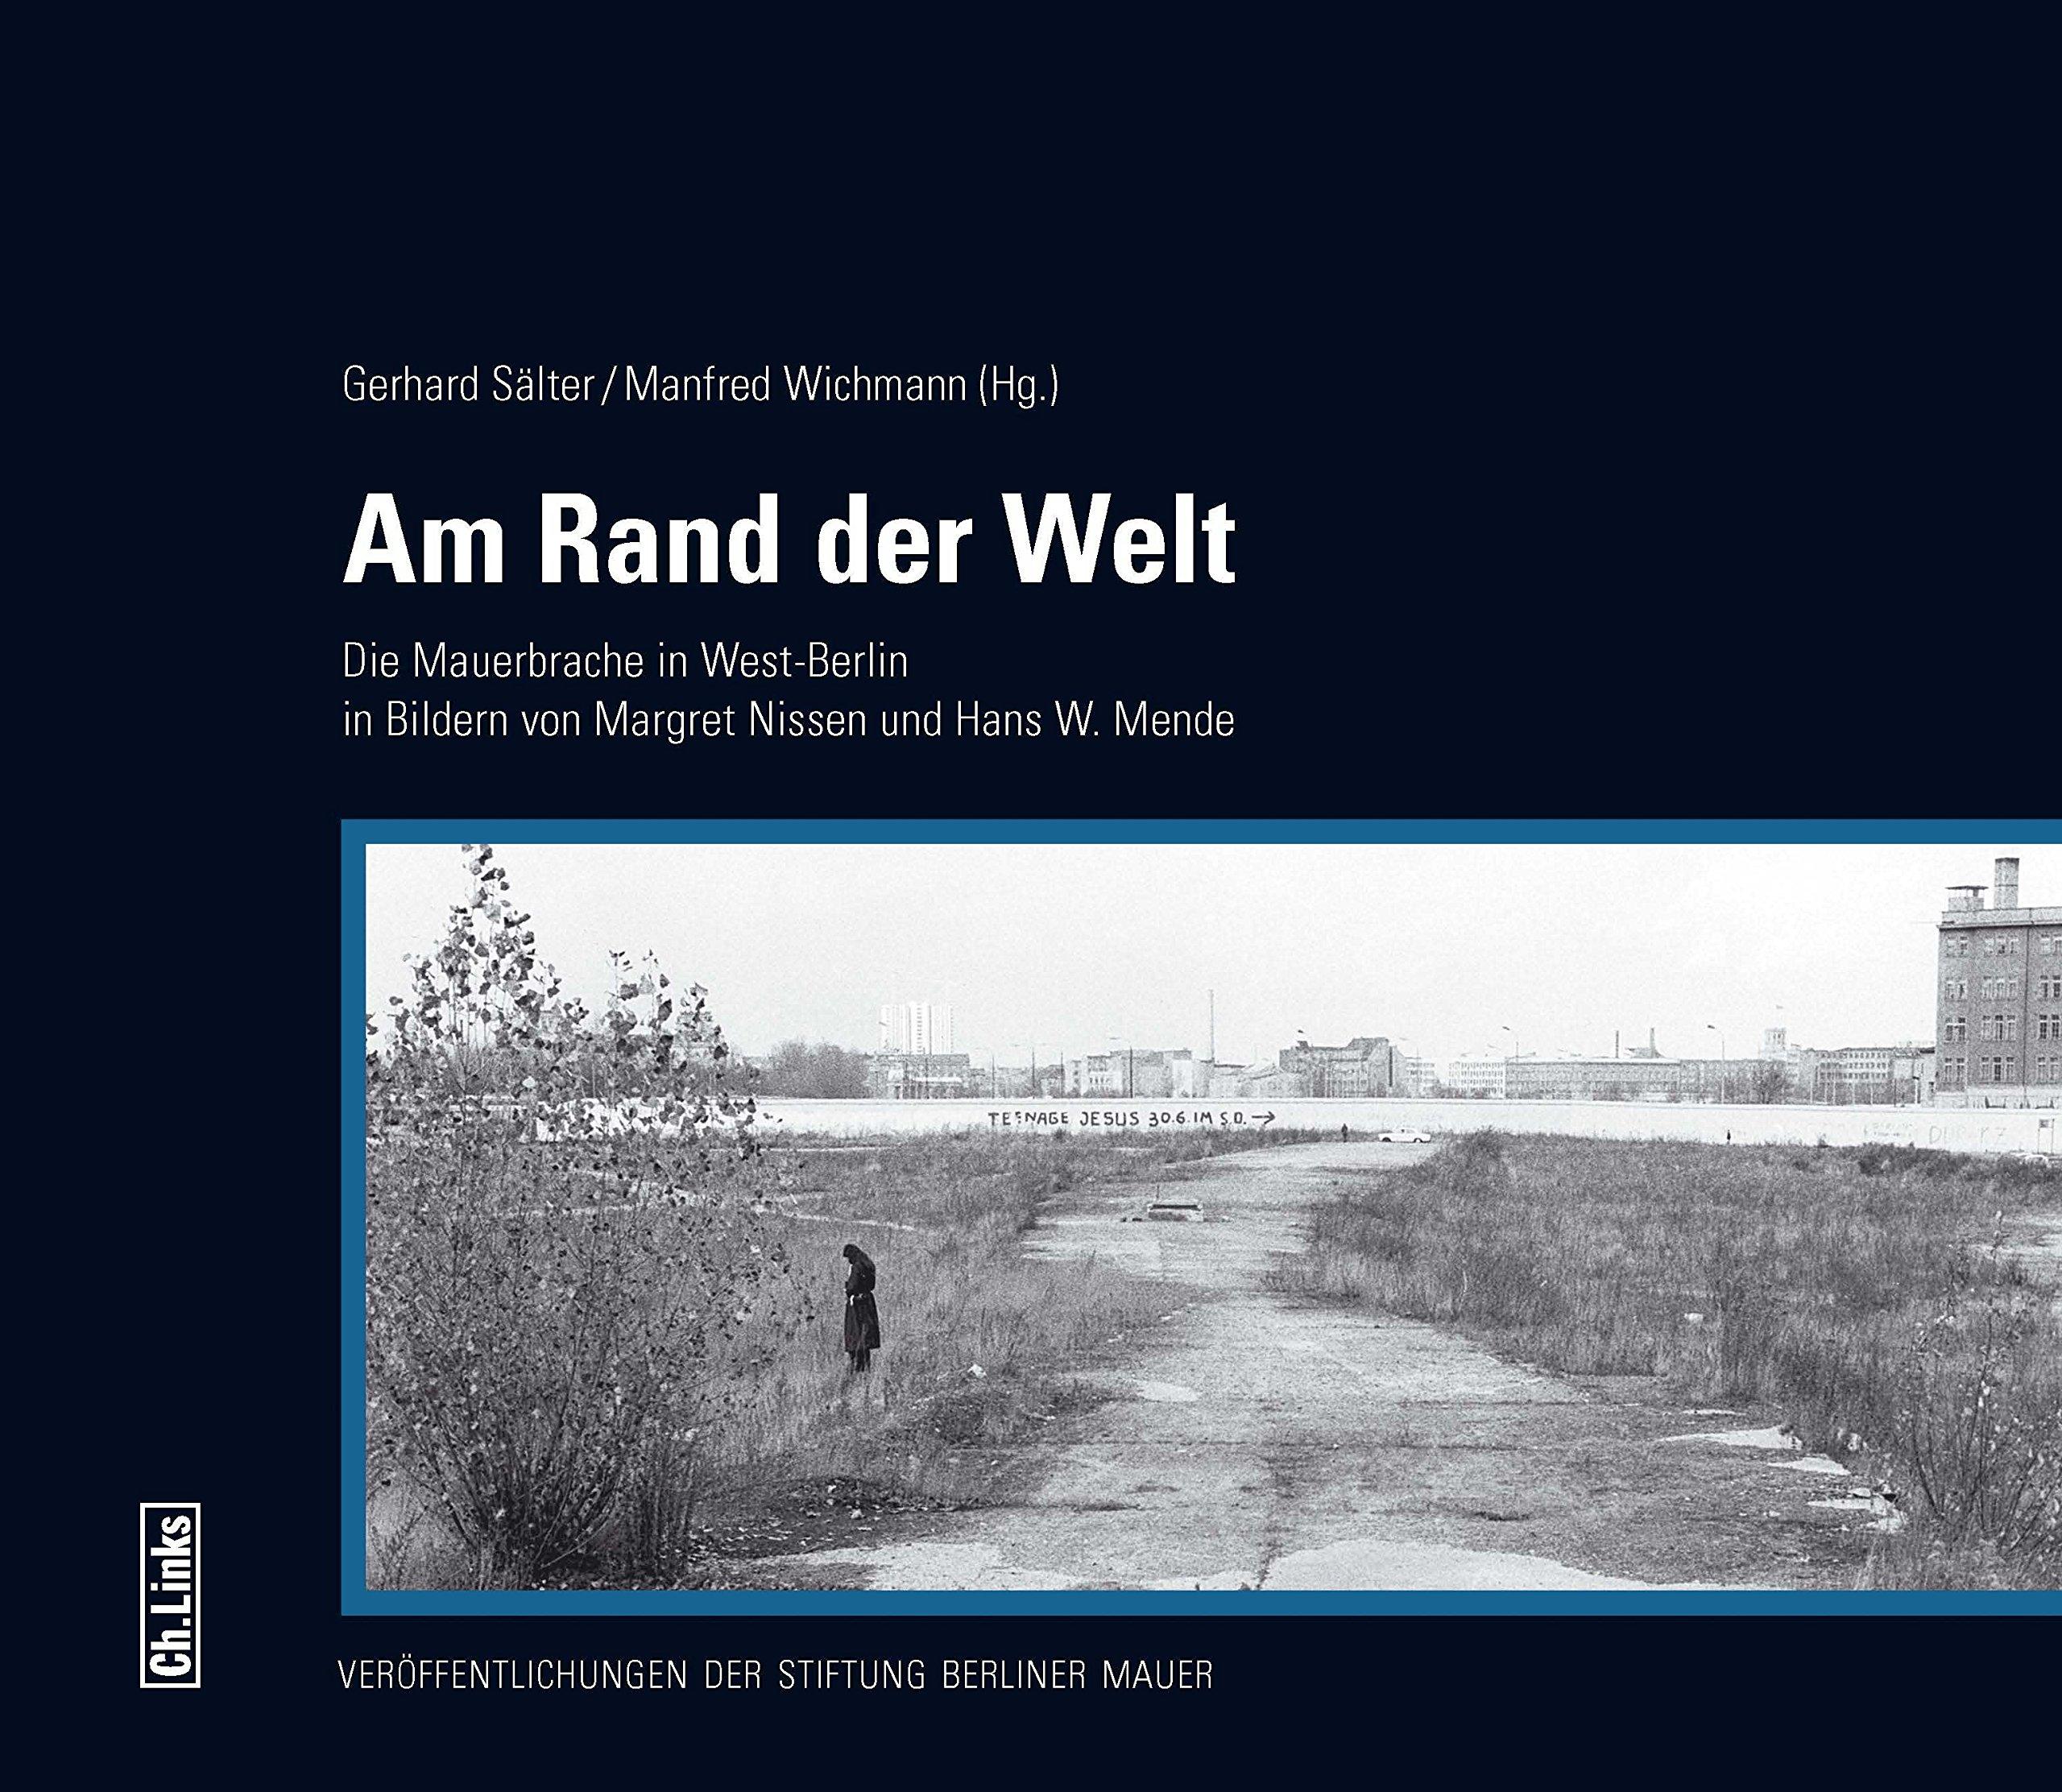 Am Rand der Welt: Die Mauerbrache in West-Berlin in Bildern von Margret Nissen und Hans W. Mende Gebundenes Buch – 7. März 2018 Gerhard Sälter (Hg.) Manfred Wichmann (Hg.) Margret Nissen (Fotos) Hans W. Mende (Fotos)